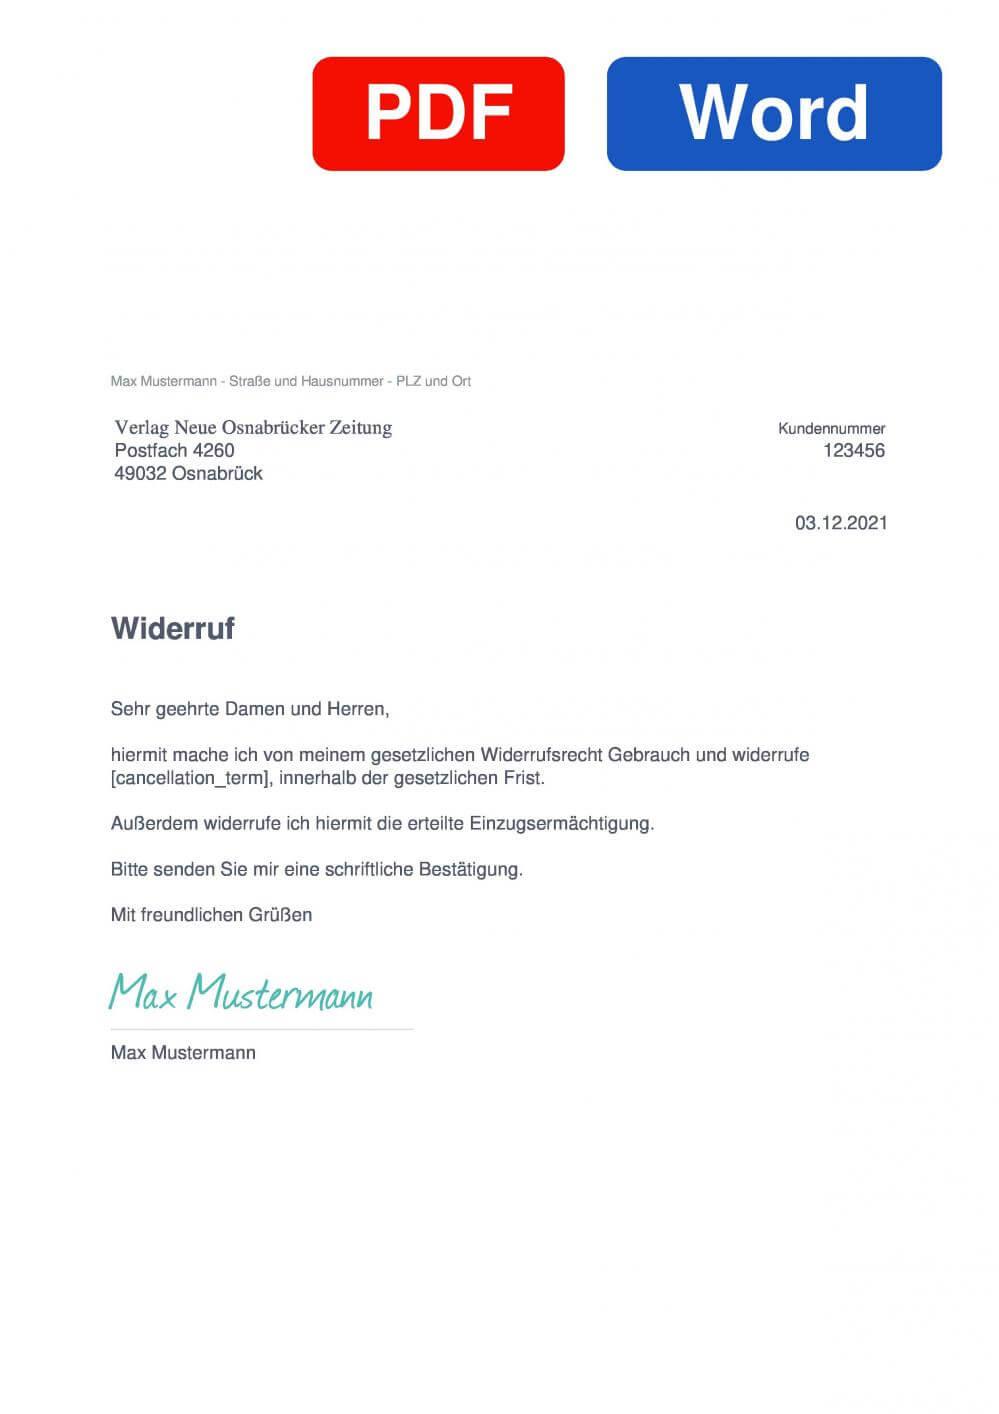 Bramscher Nachrichten Muster Vorlage für Wiederrufsschreiben